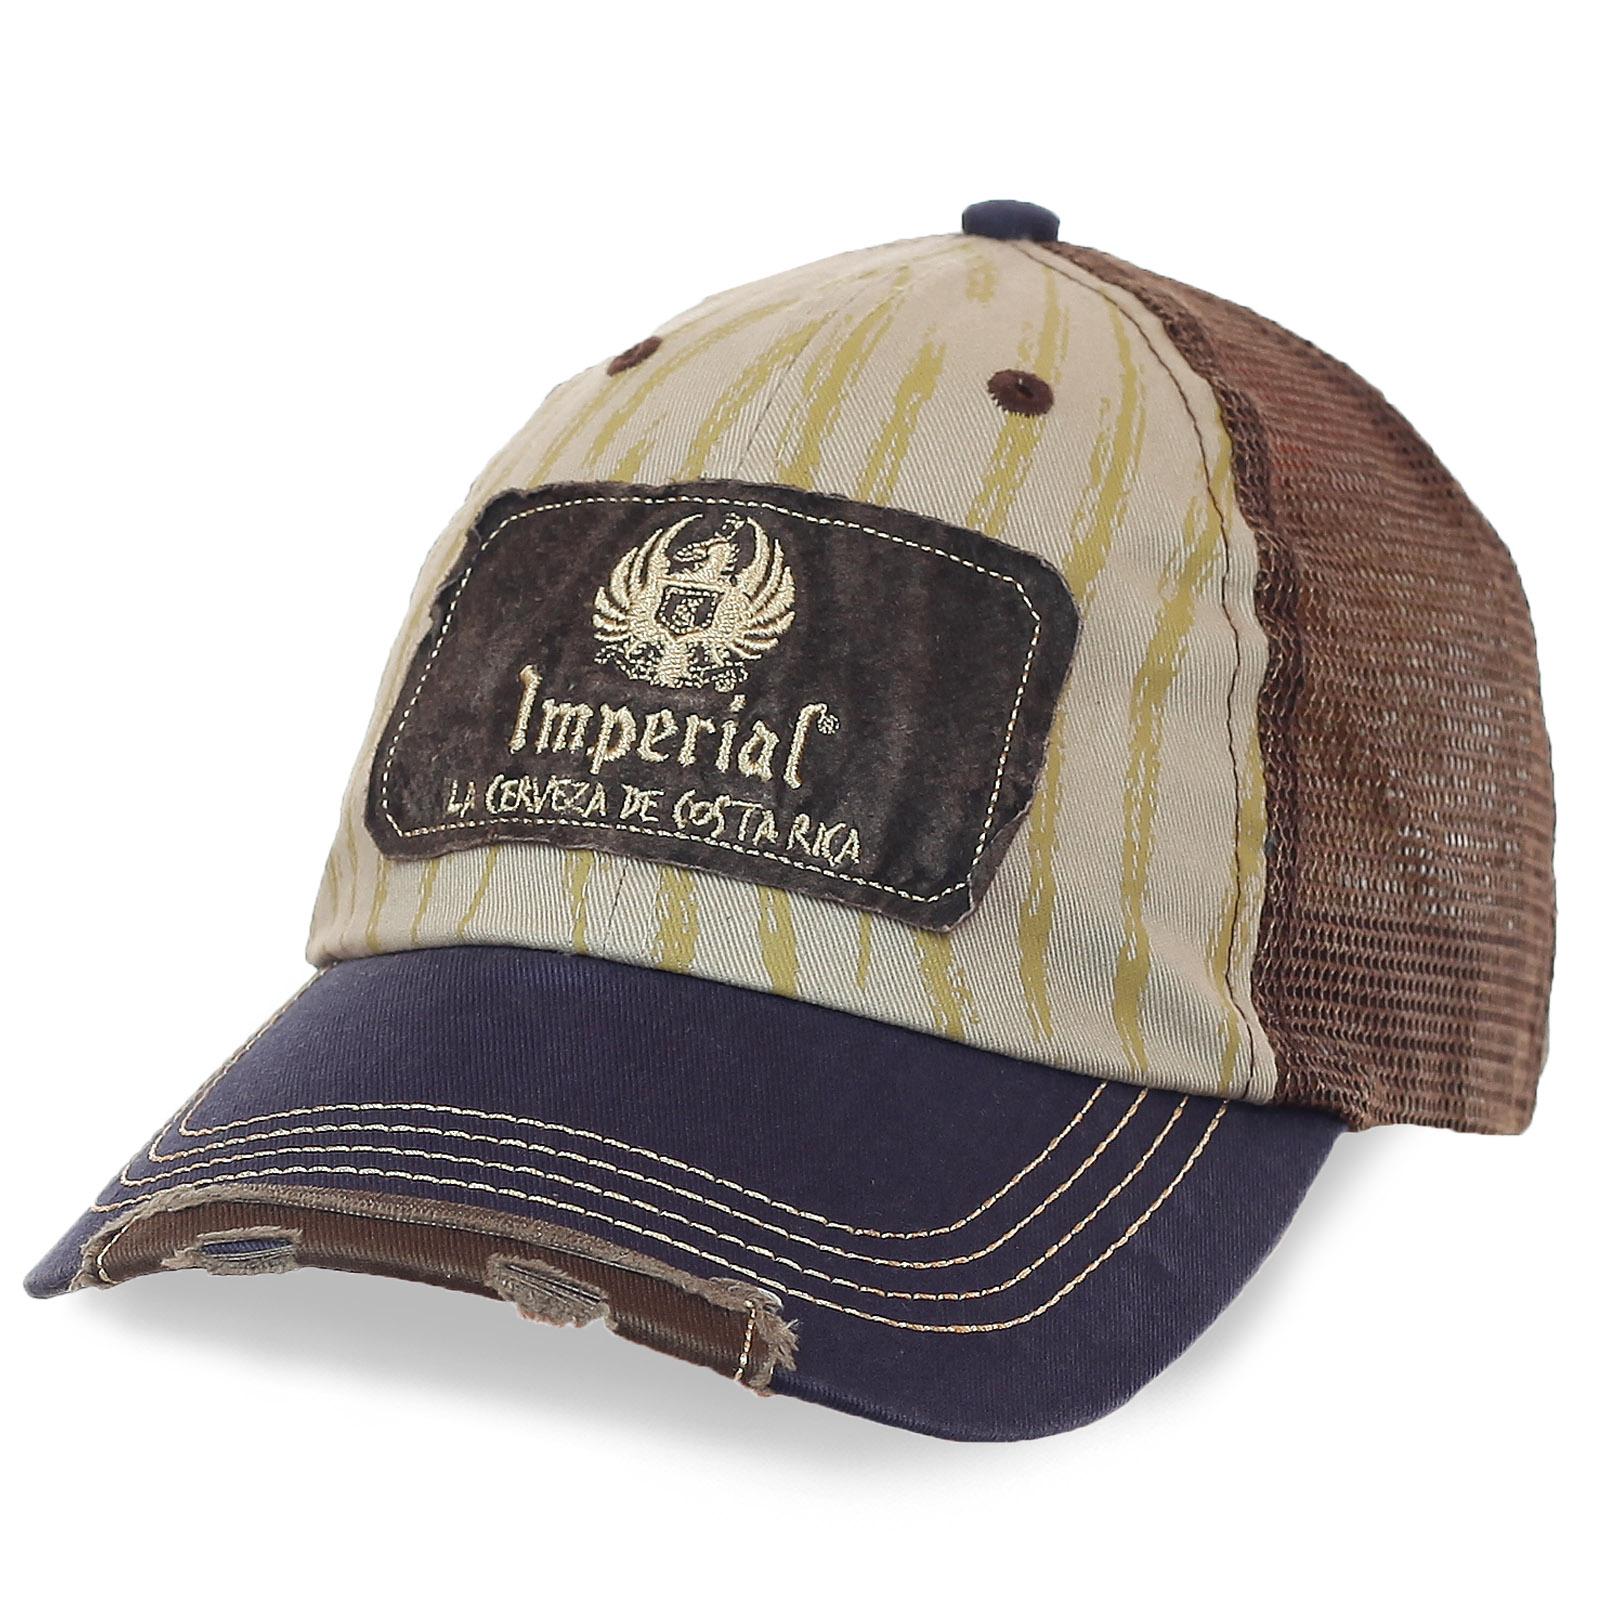 Потёртая бейсболка Imperial – комбинированные материалы и цвета, вентиляционная сетка, душевная цена. Фишка модели – прикольный фиксатор размера